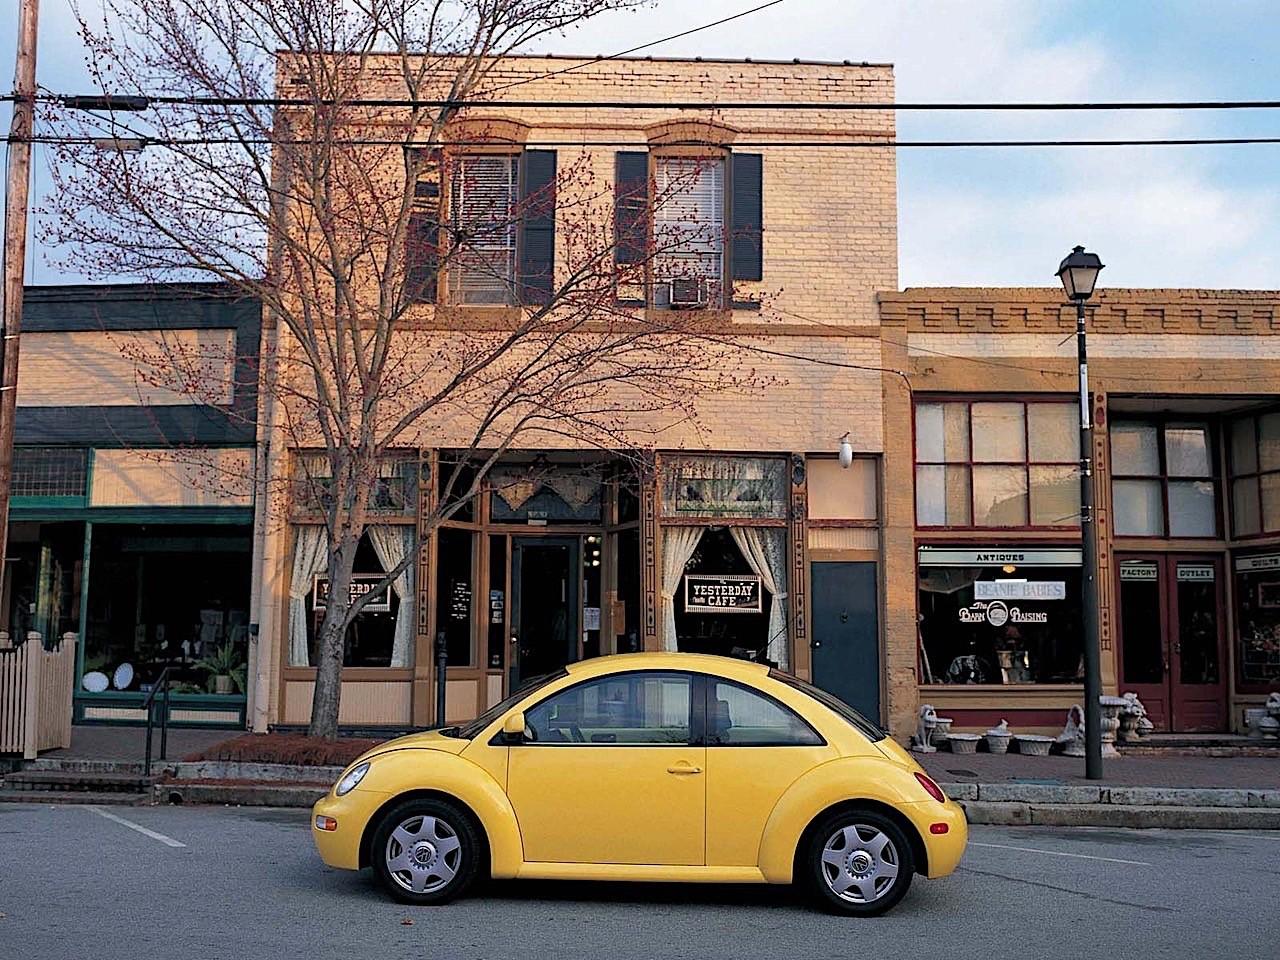 Volkswagen Beetle Specs Photos 1998 1999 2000 2001 2002 99 Jetta 2 0 Engine Diagram Intake 2005